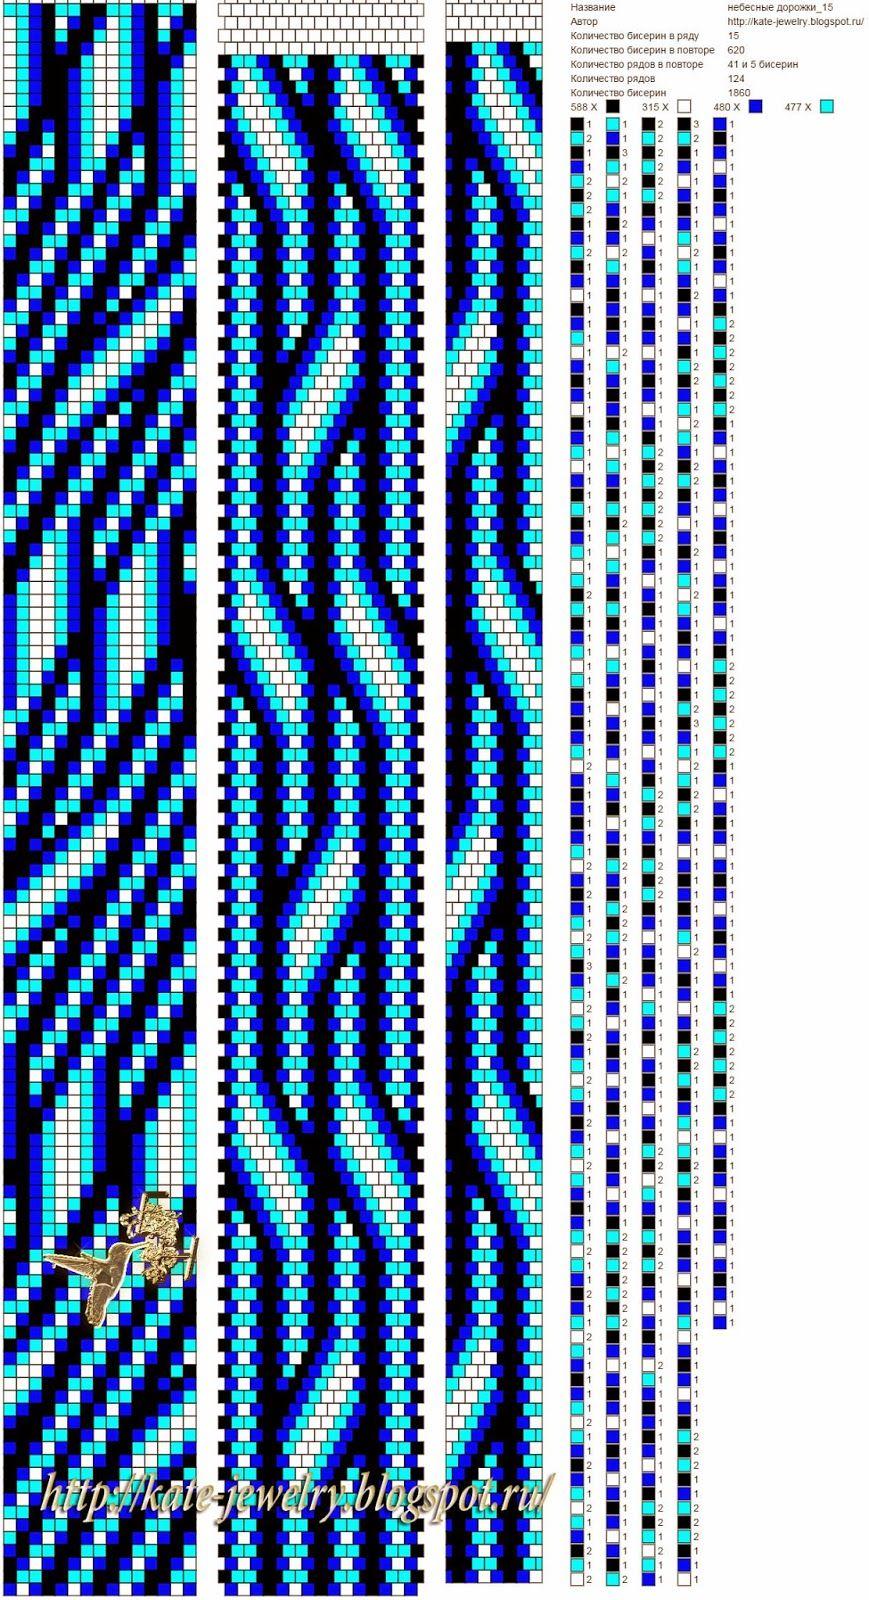 жгут бисер вязание крючком схема для жгута синий голубой небо